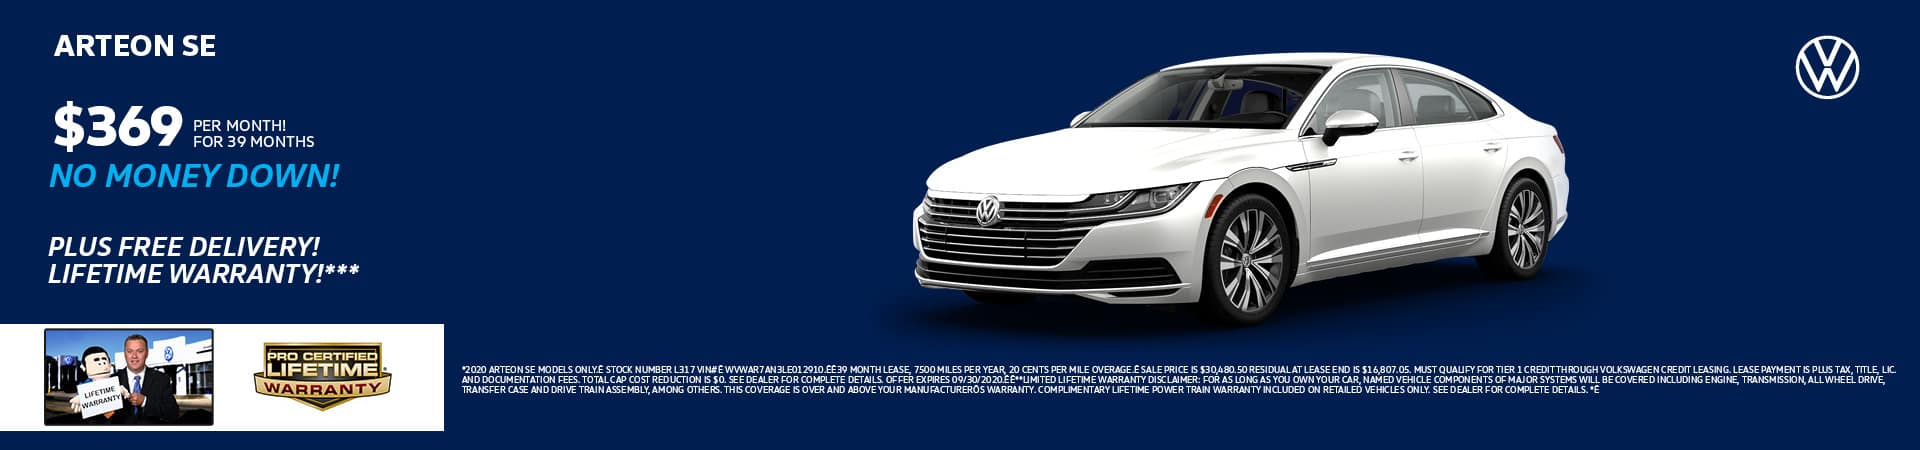 New 2020 Volkswagen Arteon   Cincinnati, OH